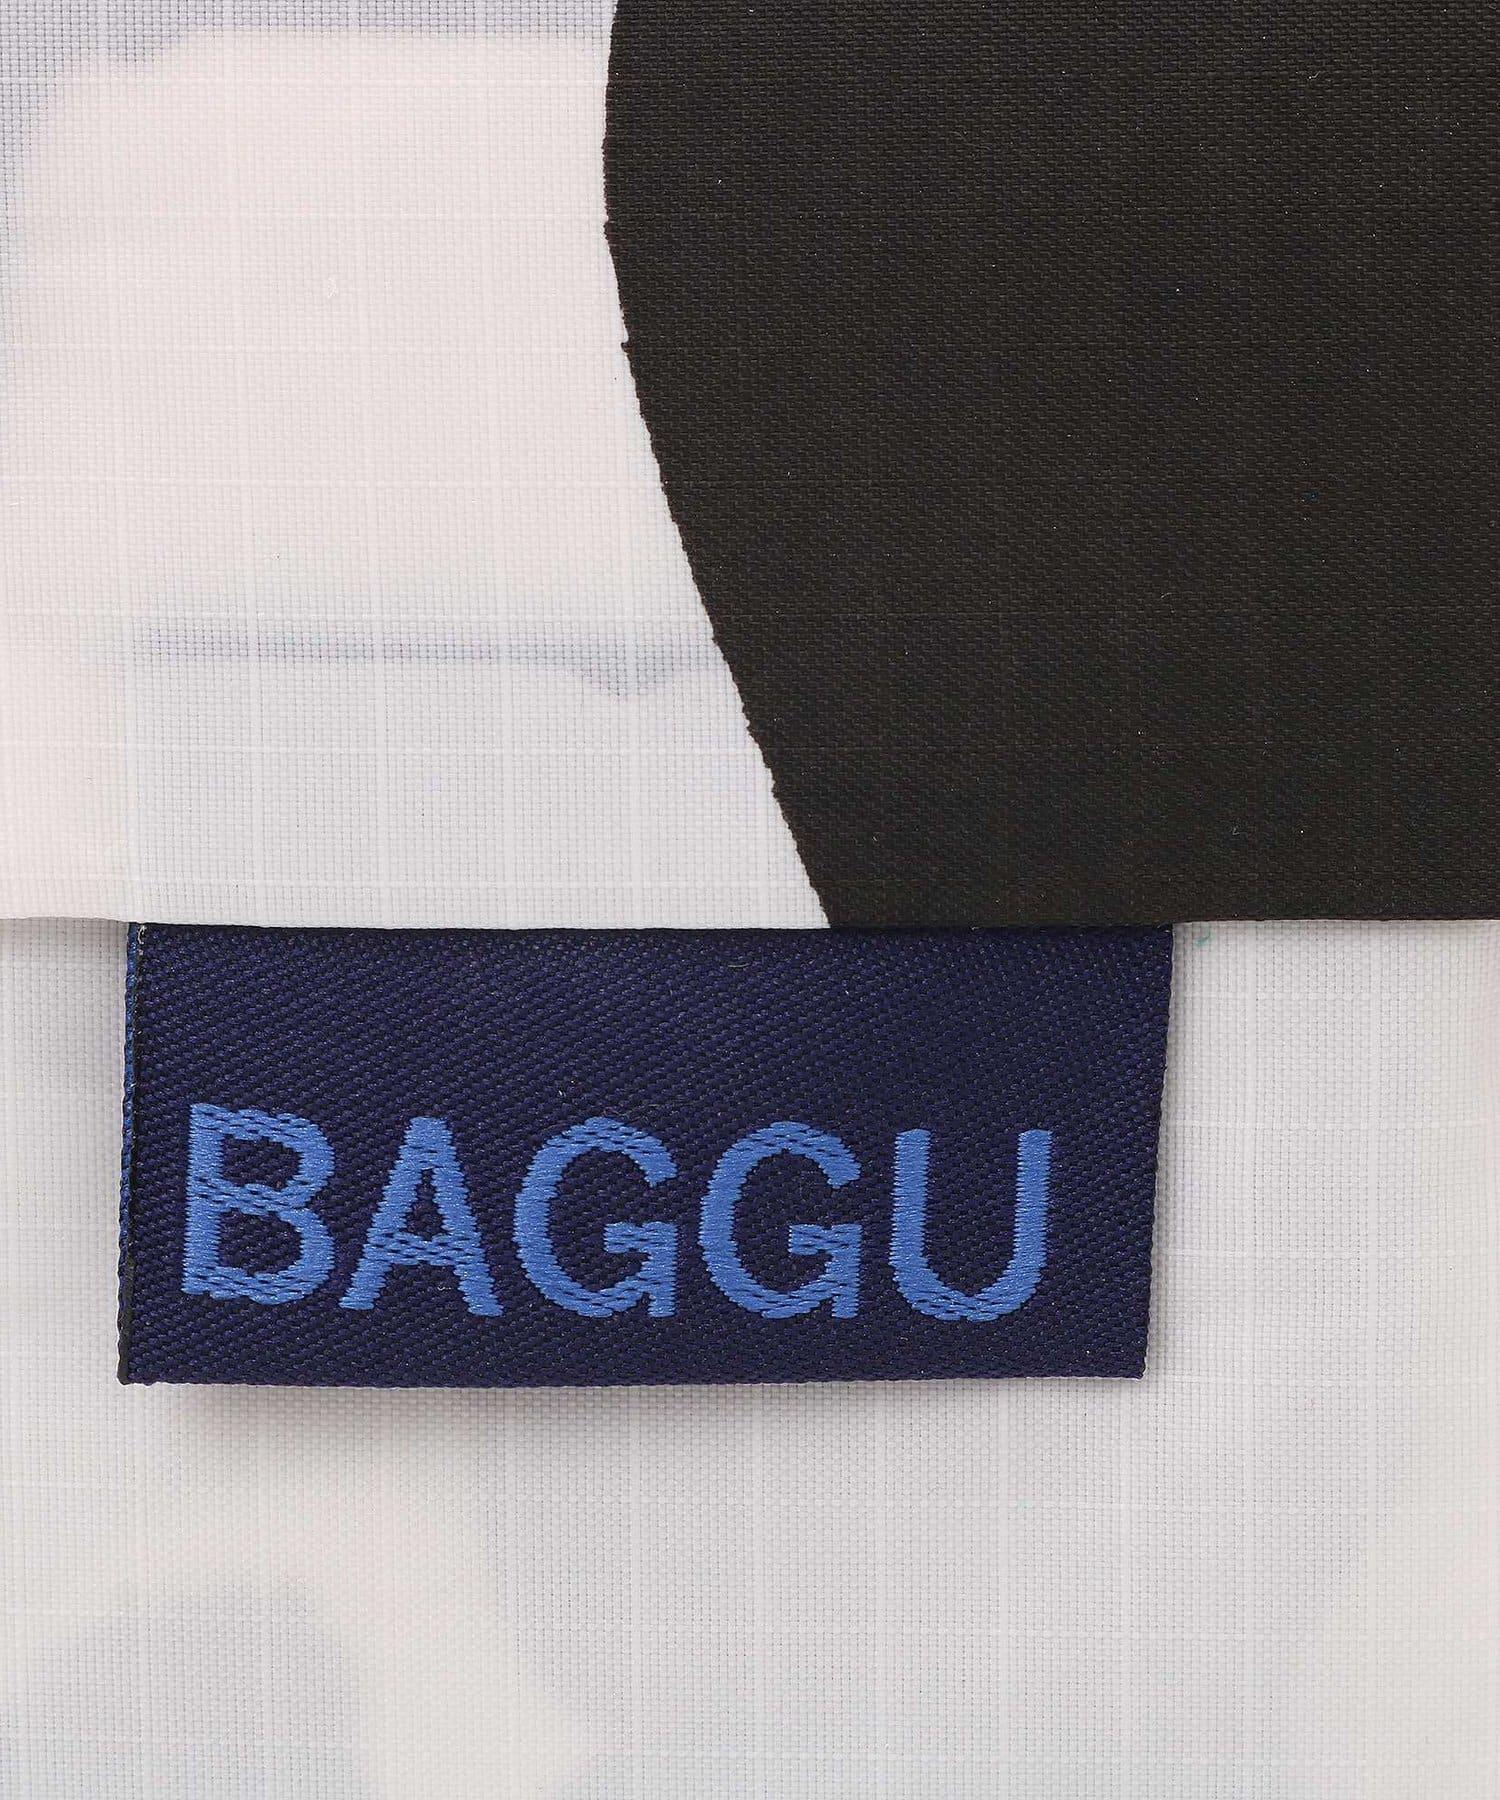 Daily russet(デイリー ラシット) 【BAGGU/バグゥ】STANDARD BAGGU